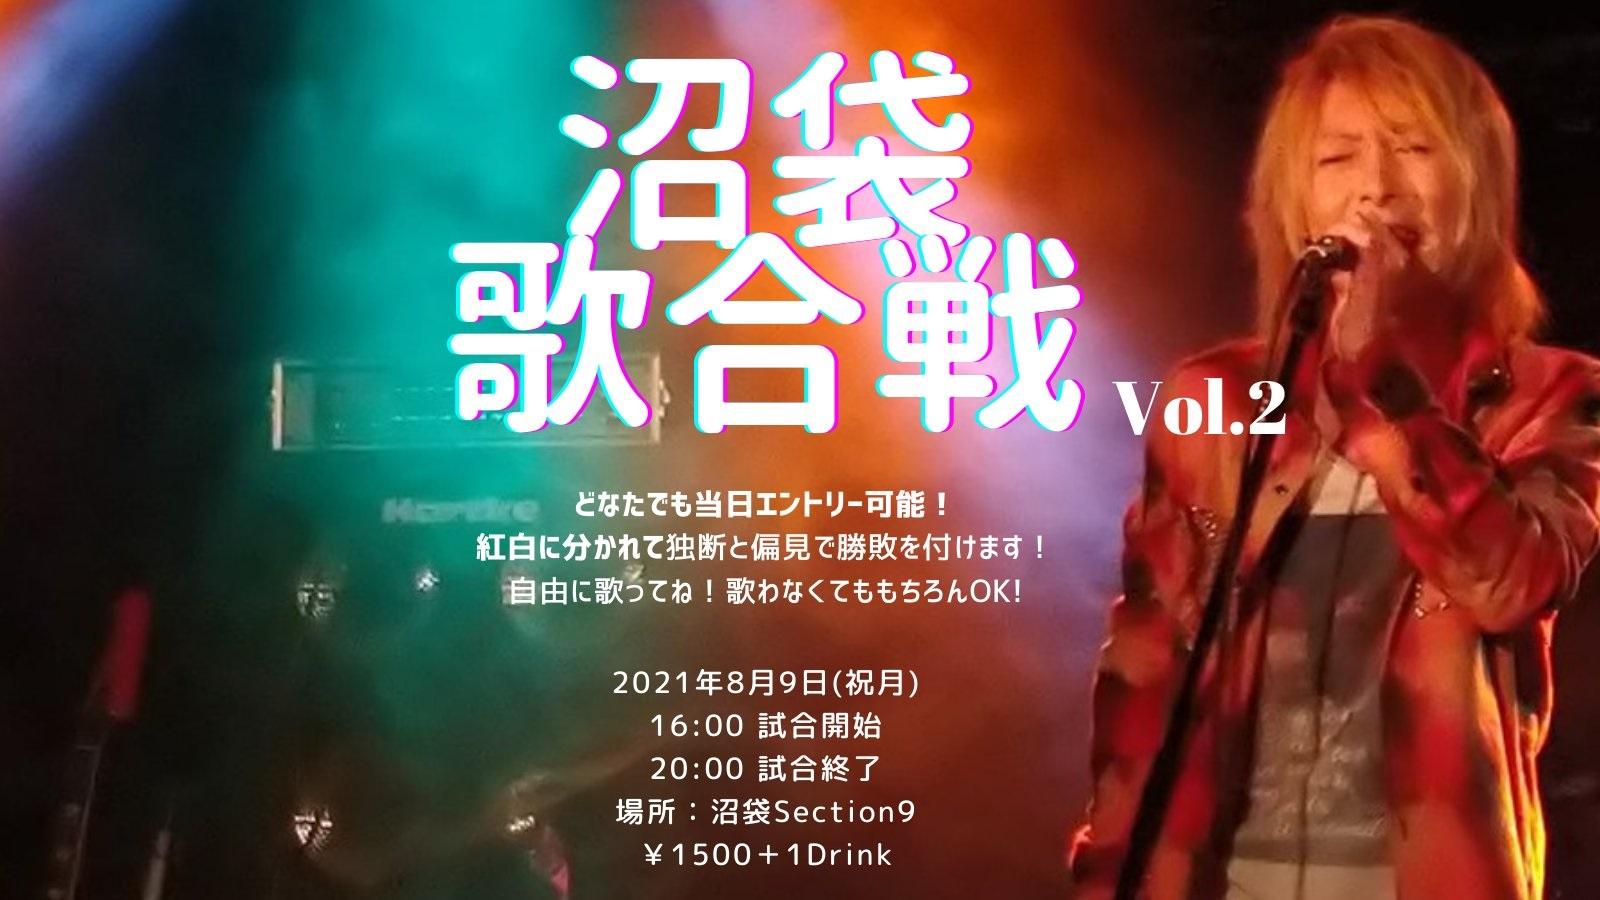 8月9日(月祝)「沼袋歌合戦 Vol.2」にゲストで出演します!!!